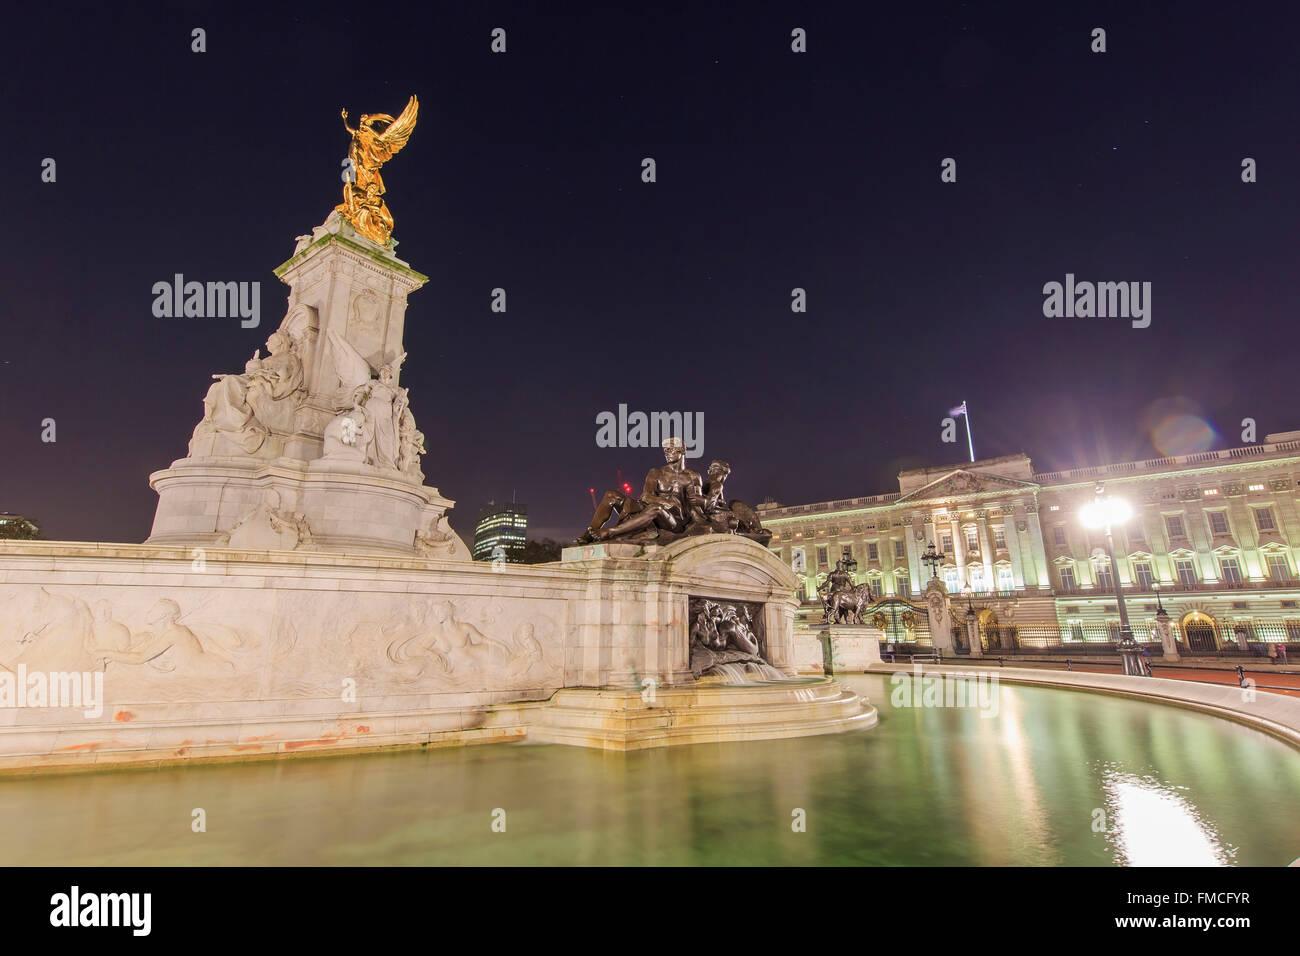 Traveling in the famous Buckingham Palace, London, United Kingdom around twilight - Stock Image